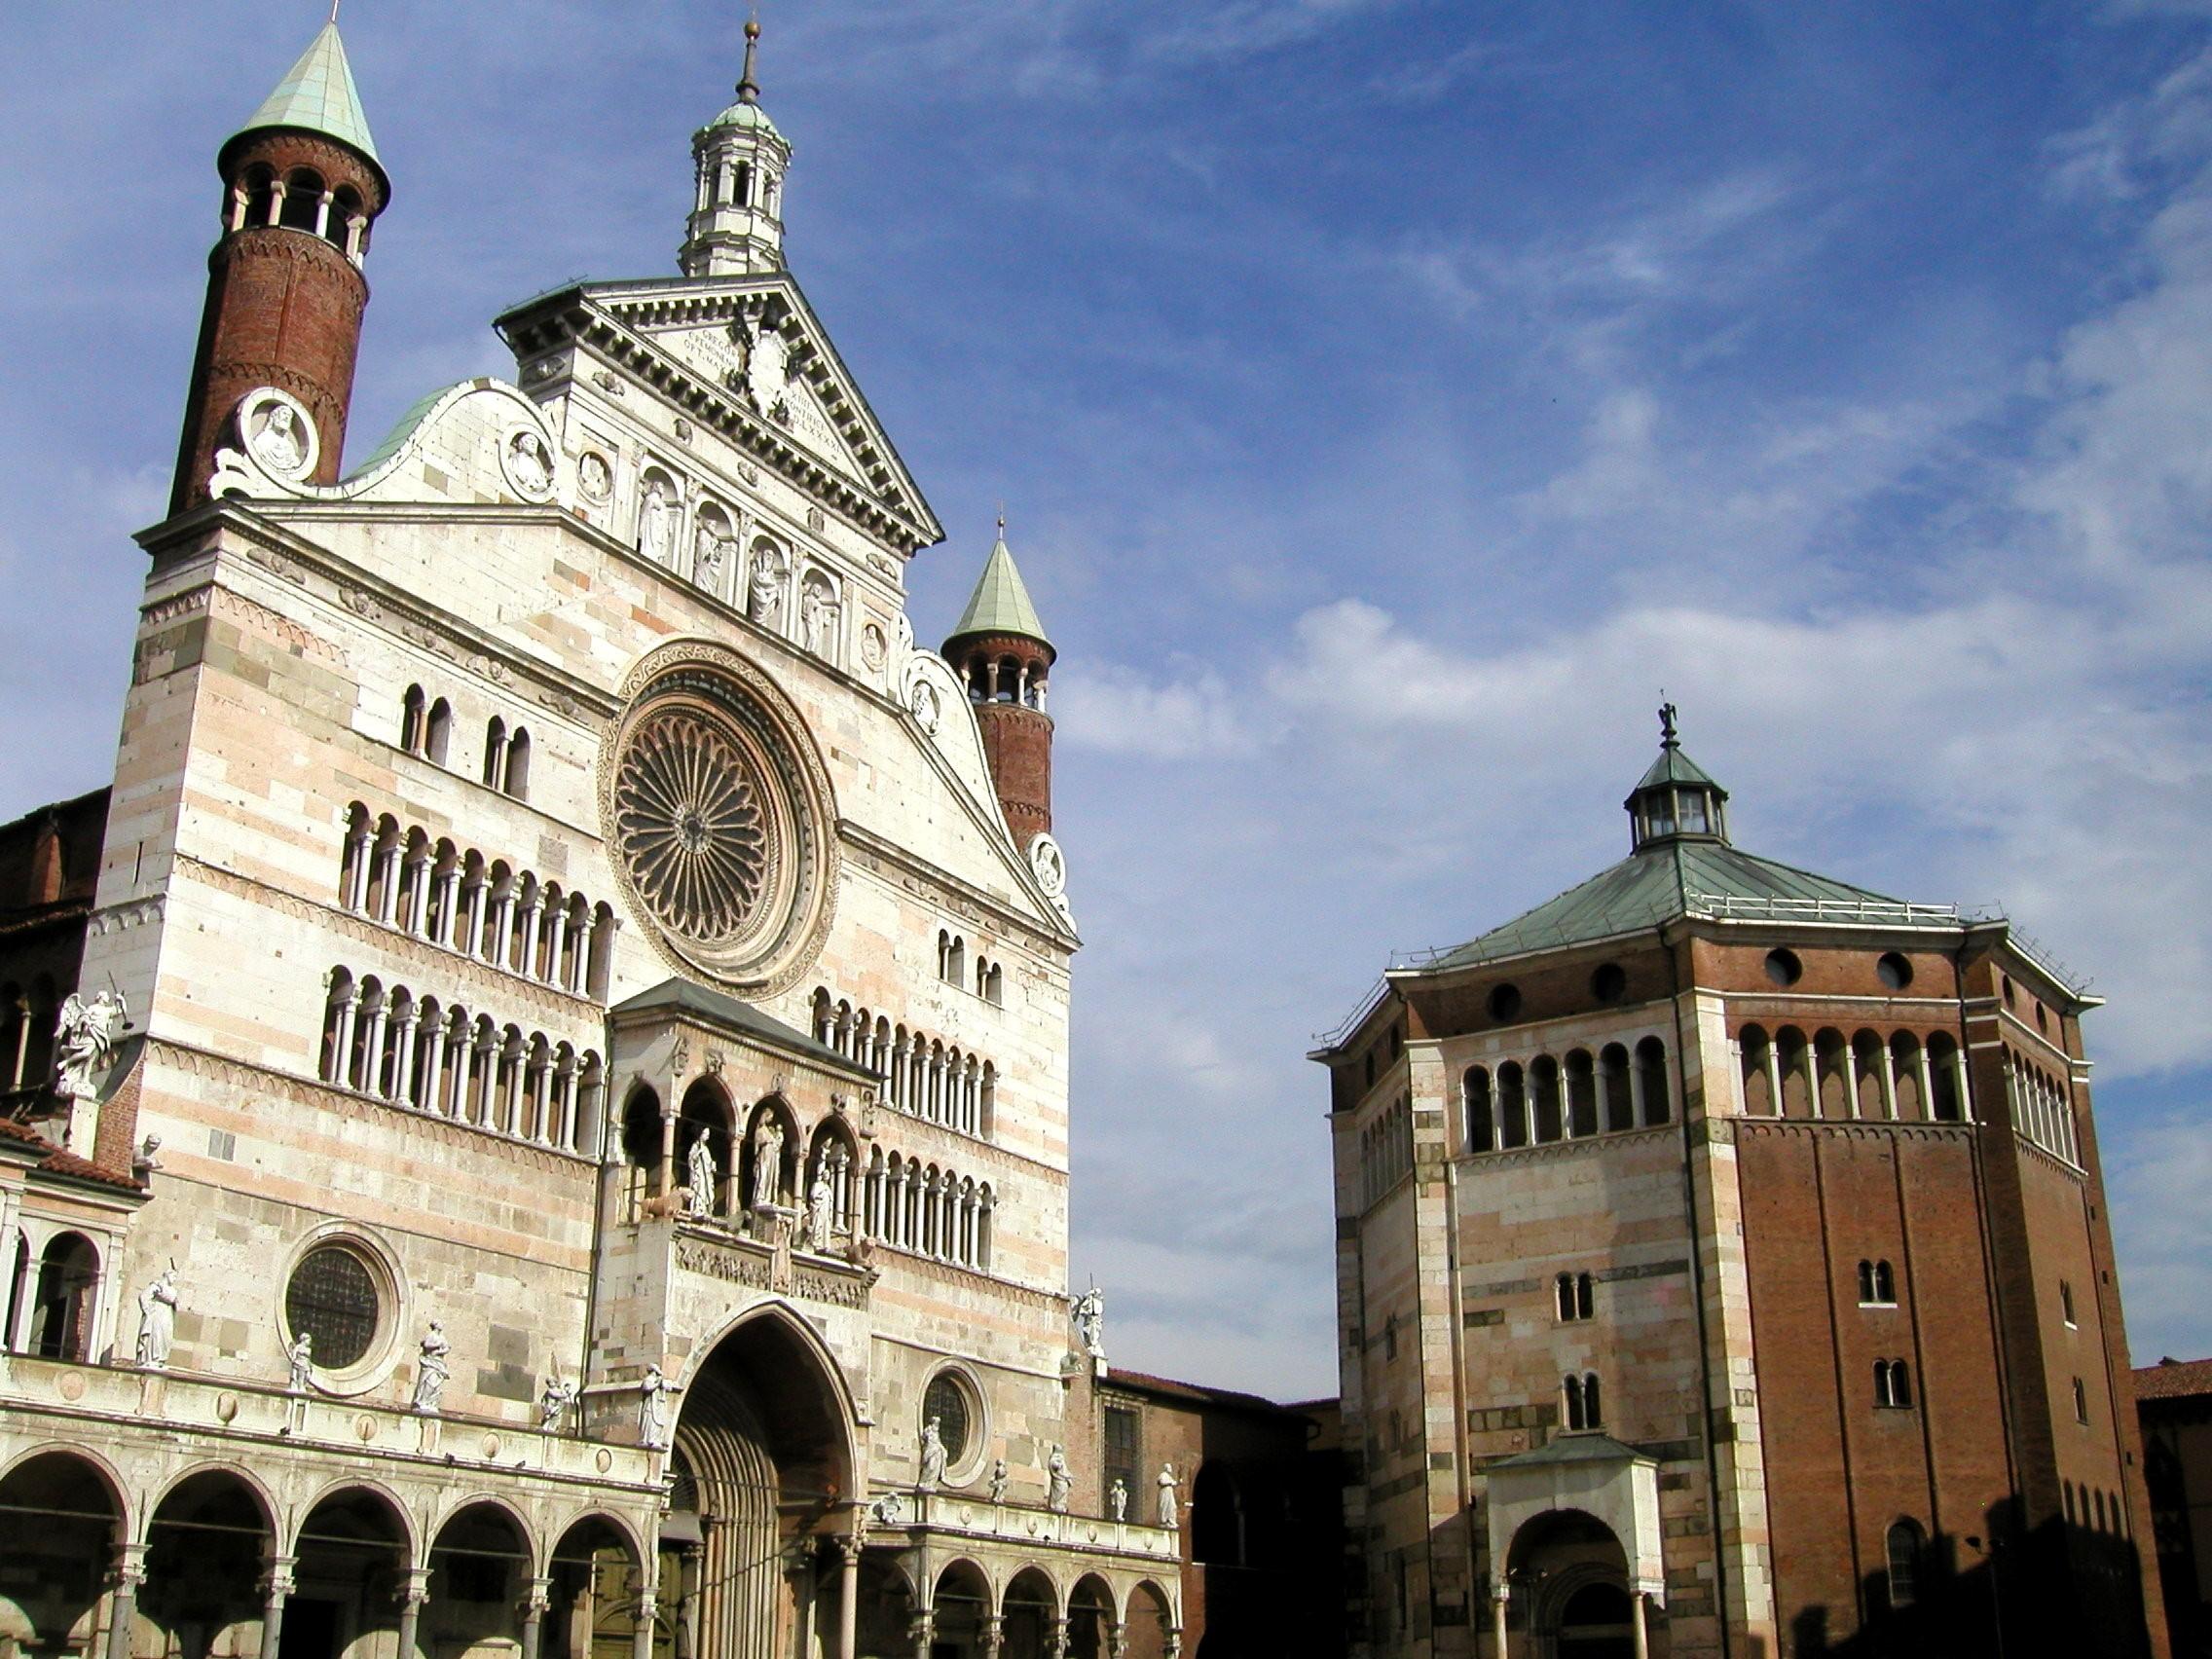 cremona - Cremona la città dei violini - SOLD OUT-CONCLUSA